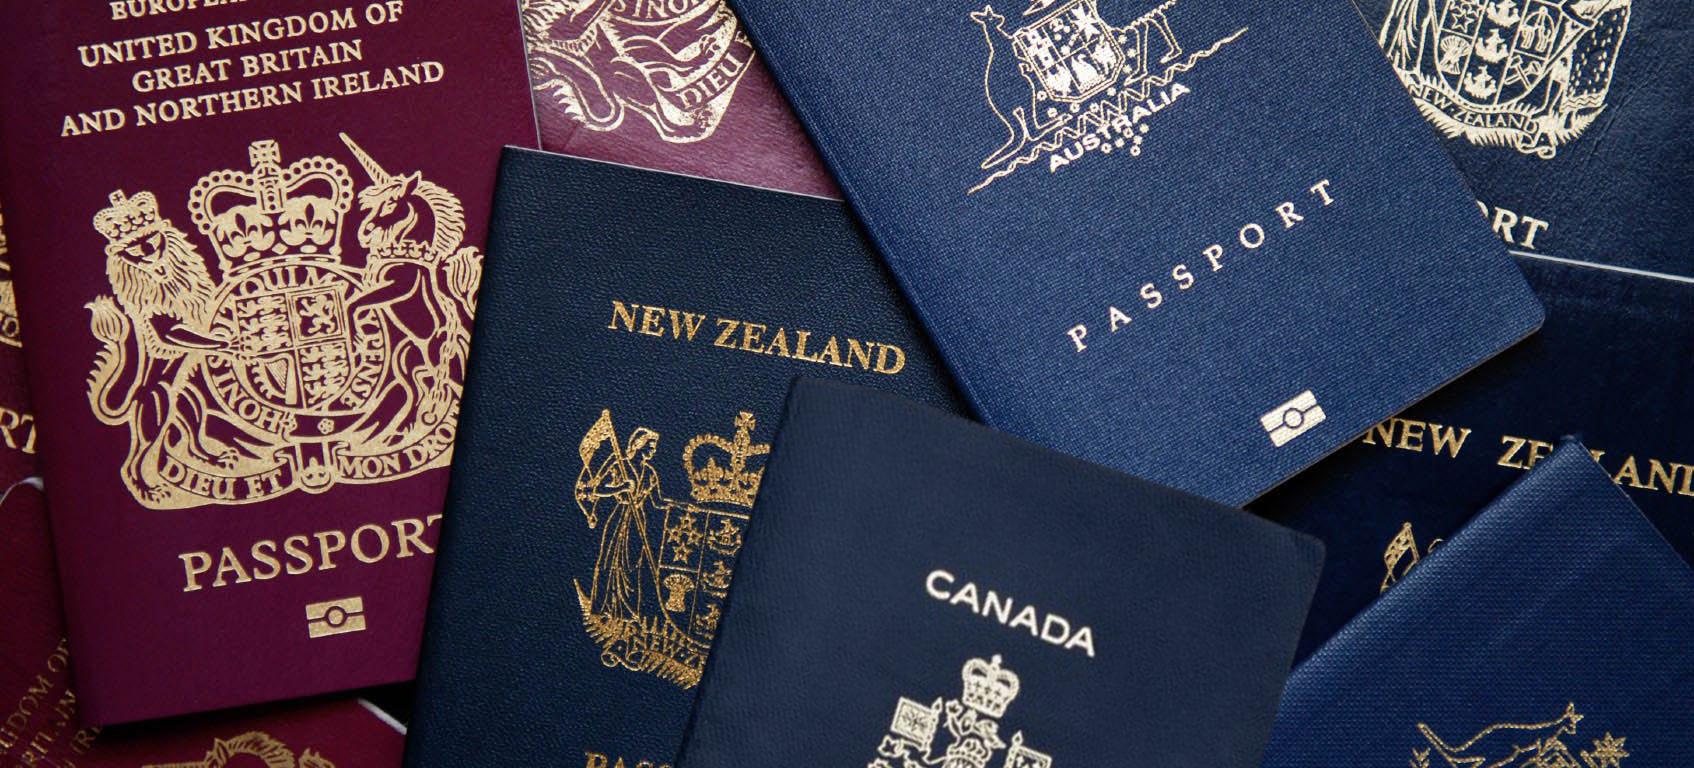 Консерваторы поддержали свободное передвижение между Канадой, Великобританией, Австралией и Новой Зеландией